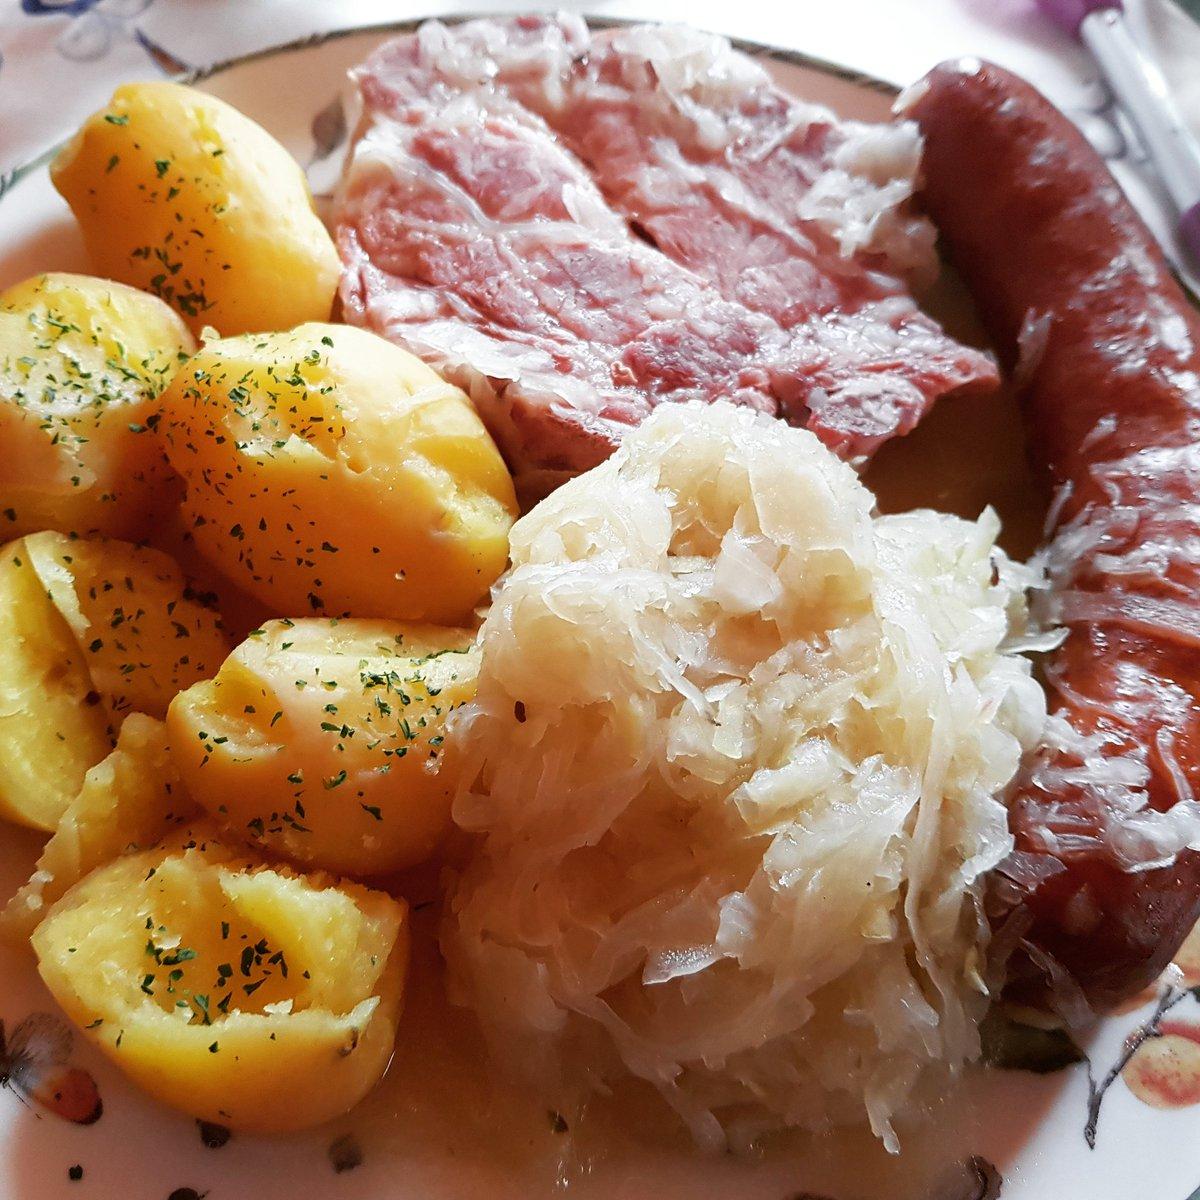 Ripple mit Sauerkraut und Kartoffeln pic.twitter.com/mRs2HP4c3u